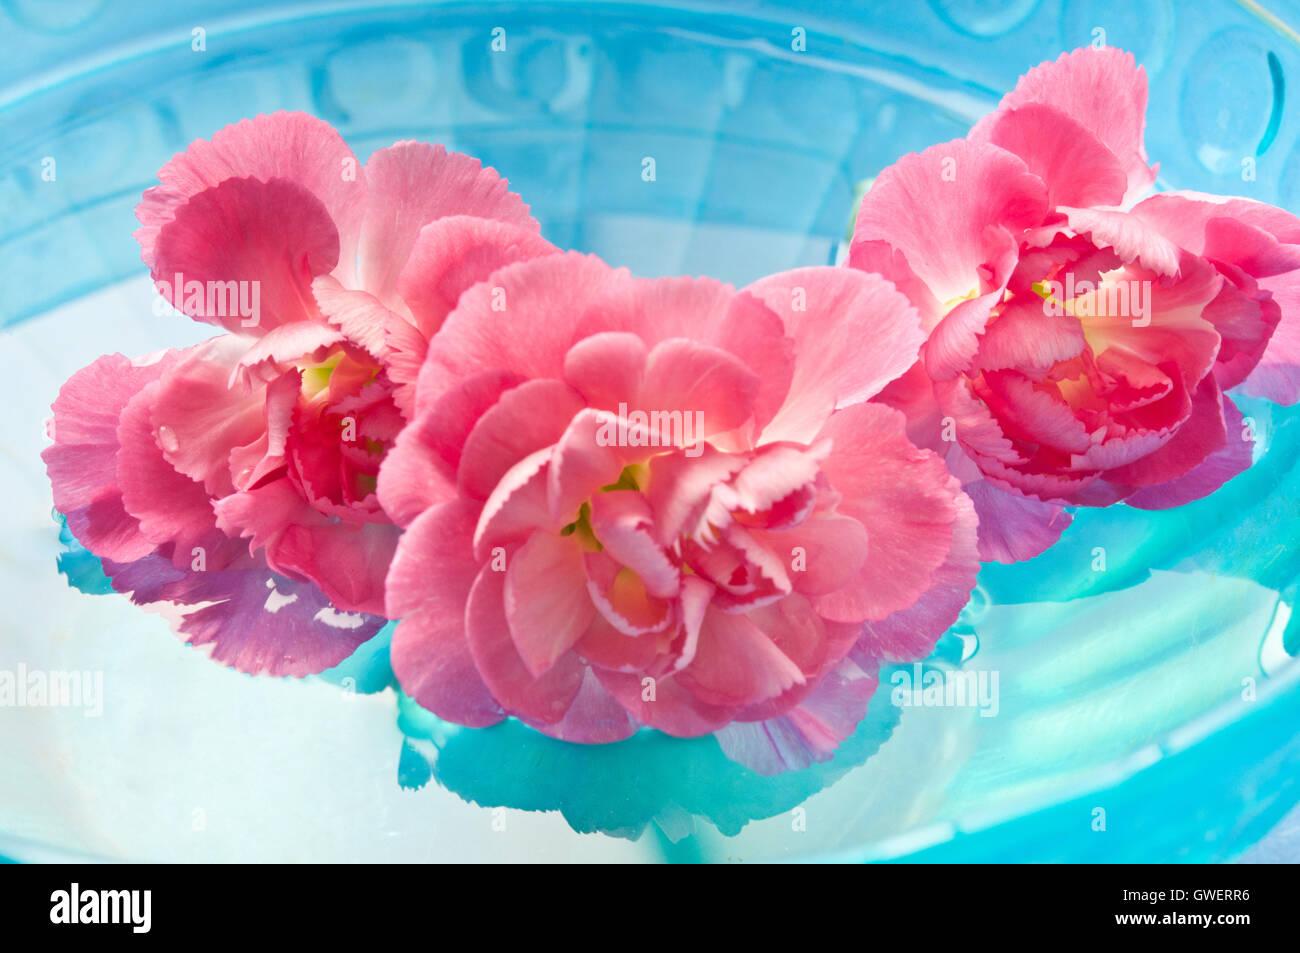 Fleurs oeillet rose dans l'eau, la méditation et la pleine conscience Photo Stock